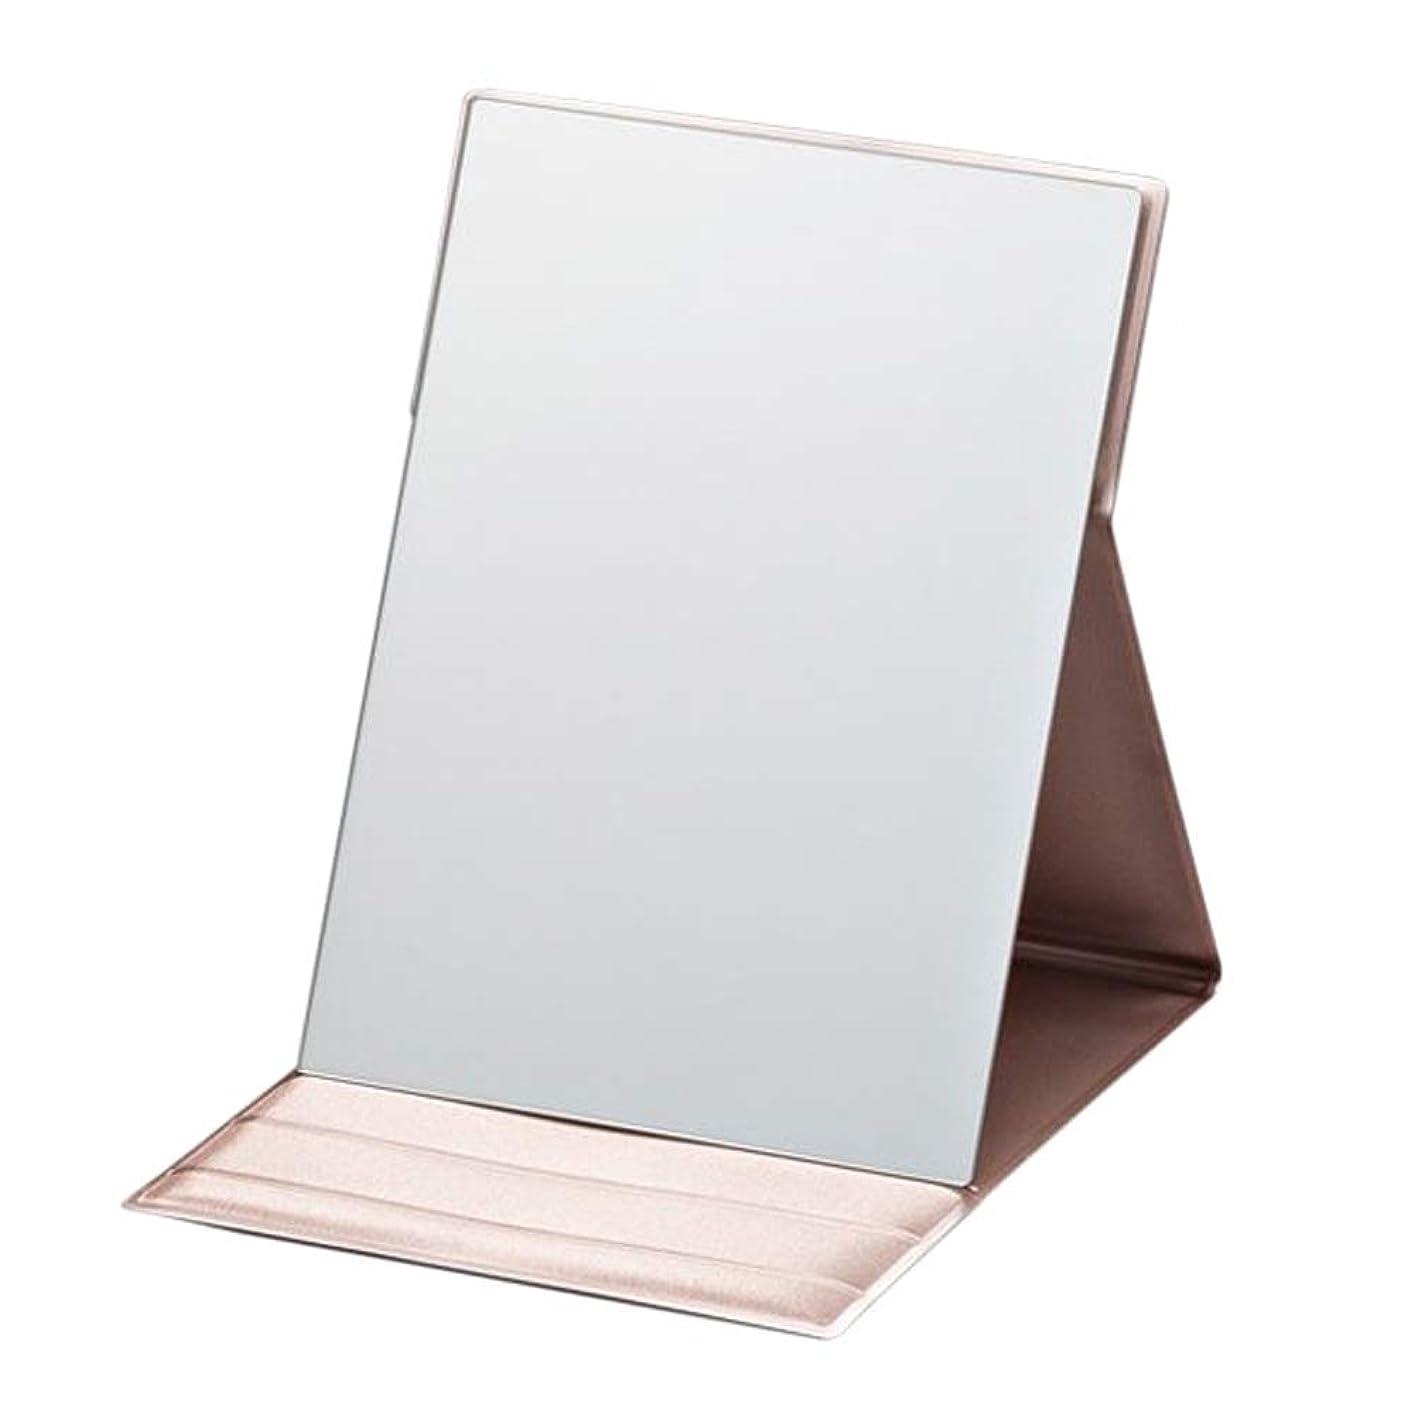 放散する変装したウールプロモデル折立 M ピンクゴールド 折り畳み式化粧鏡